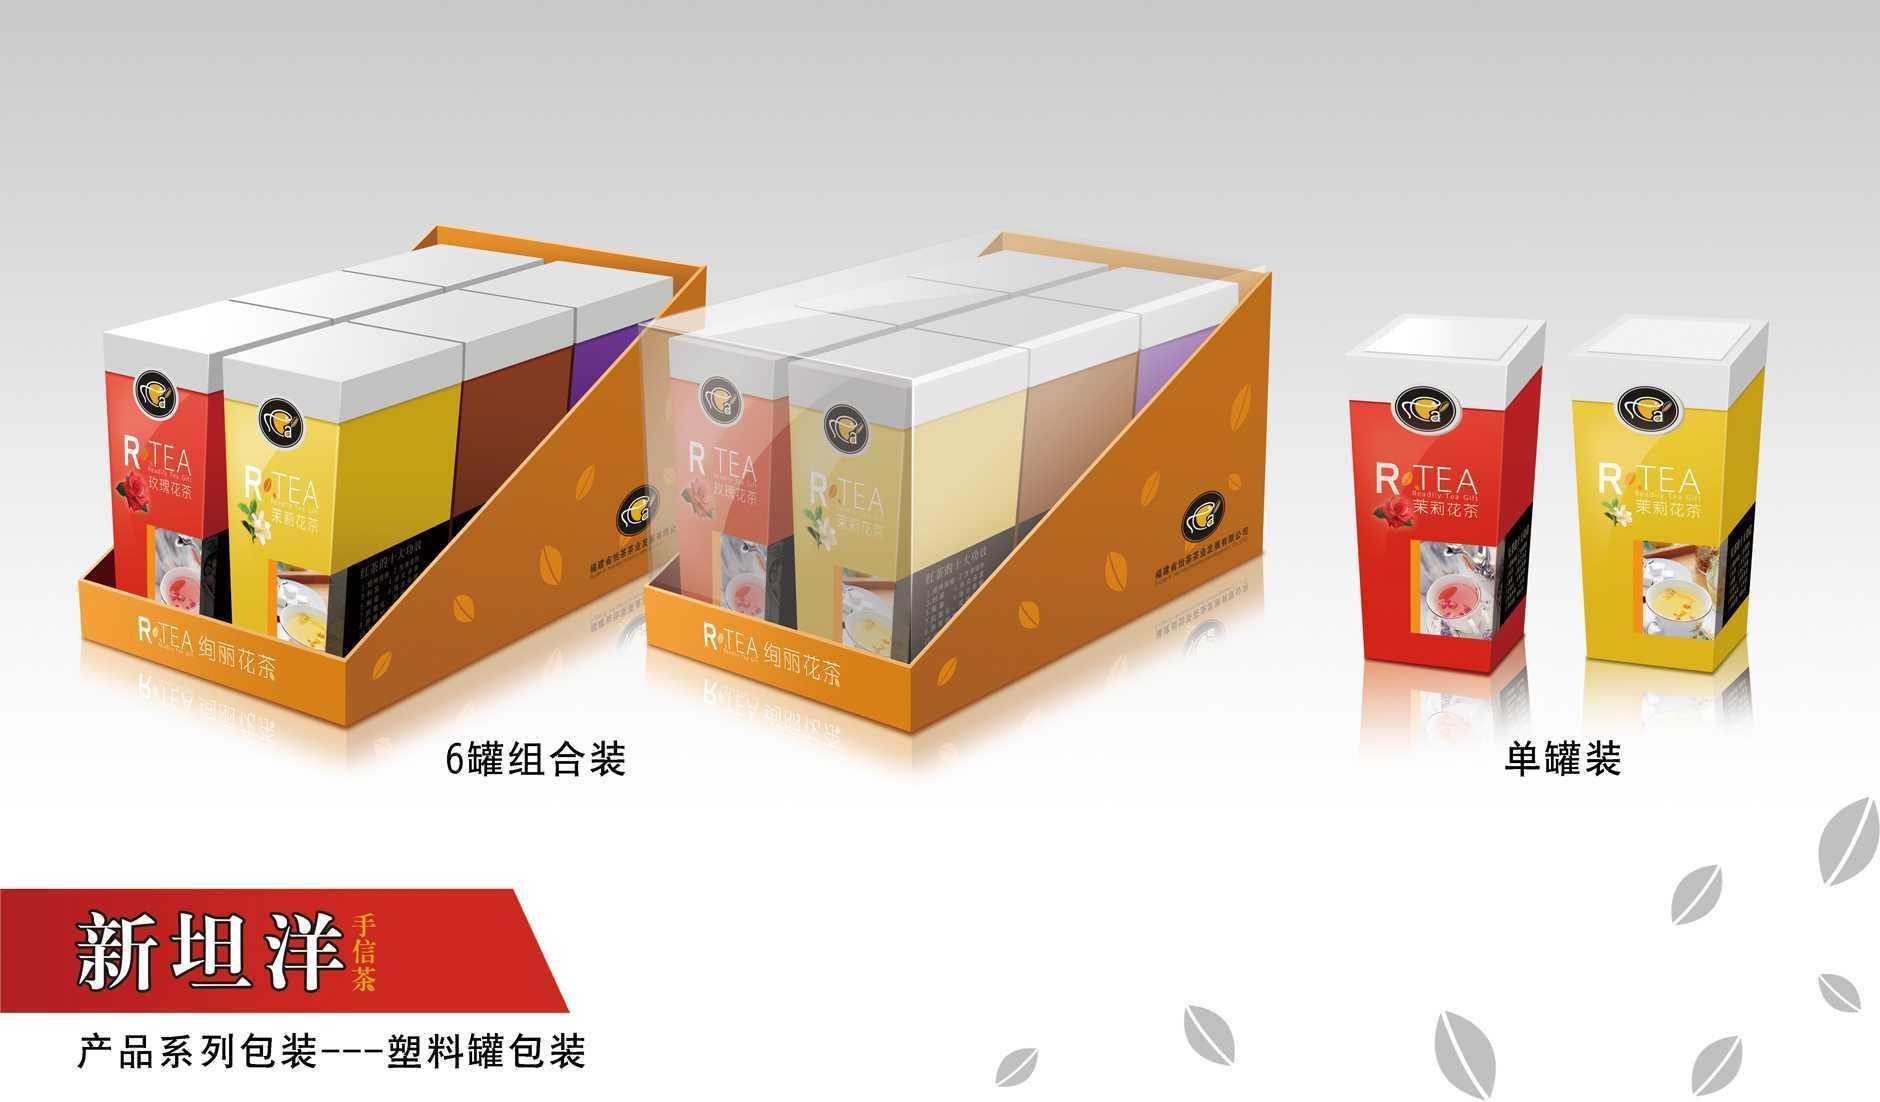 包装展示_艾迪图创品牌设计机构案例展示_一品威客网